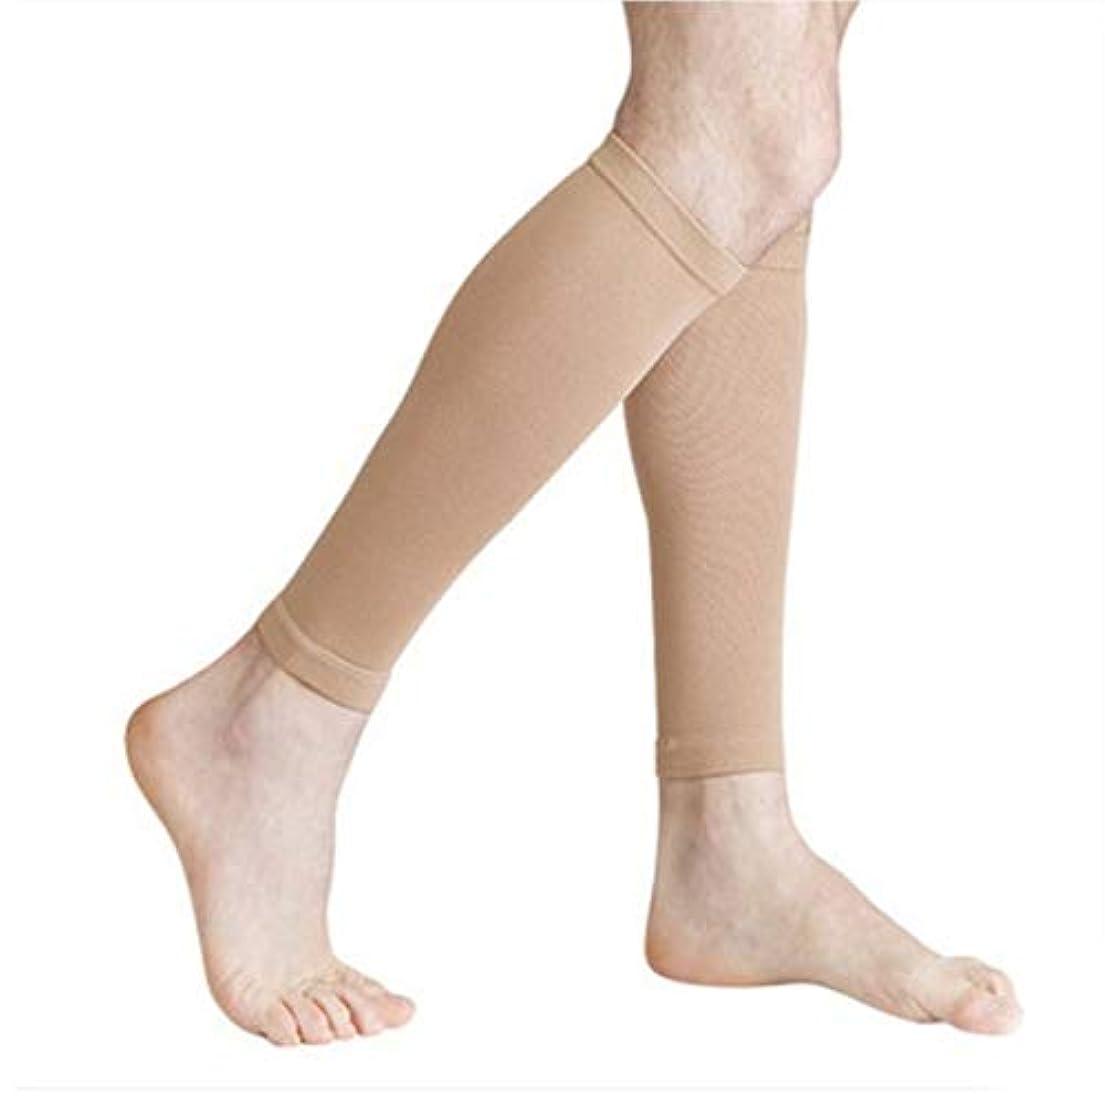 わかるインデックス鉛ふくらはぎコンプレッションスリーブ脚コンプレッションソックスシンスプリントふくらはぎの痛みを軽減メンズランニング用サイクリング女性用スリーブ-スキン